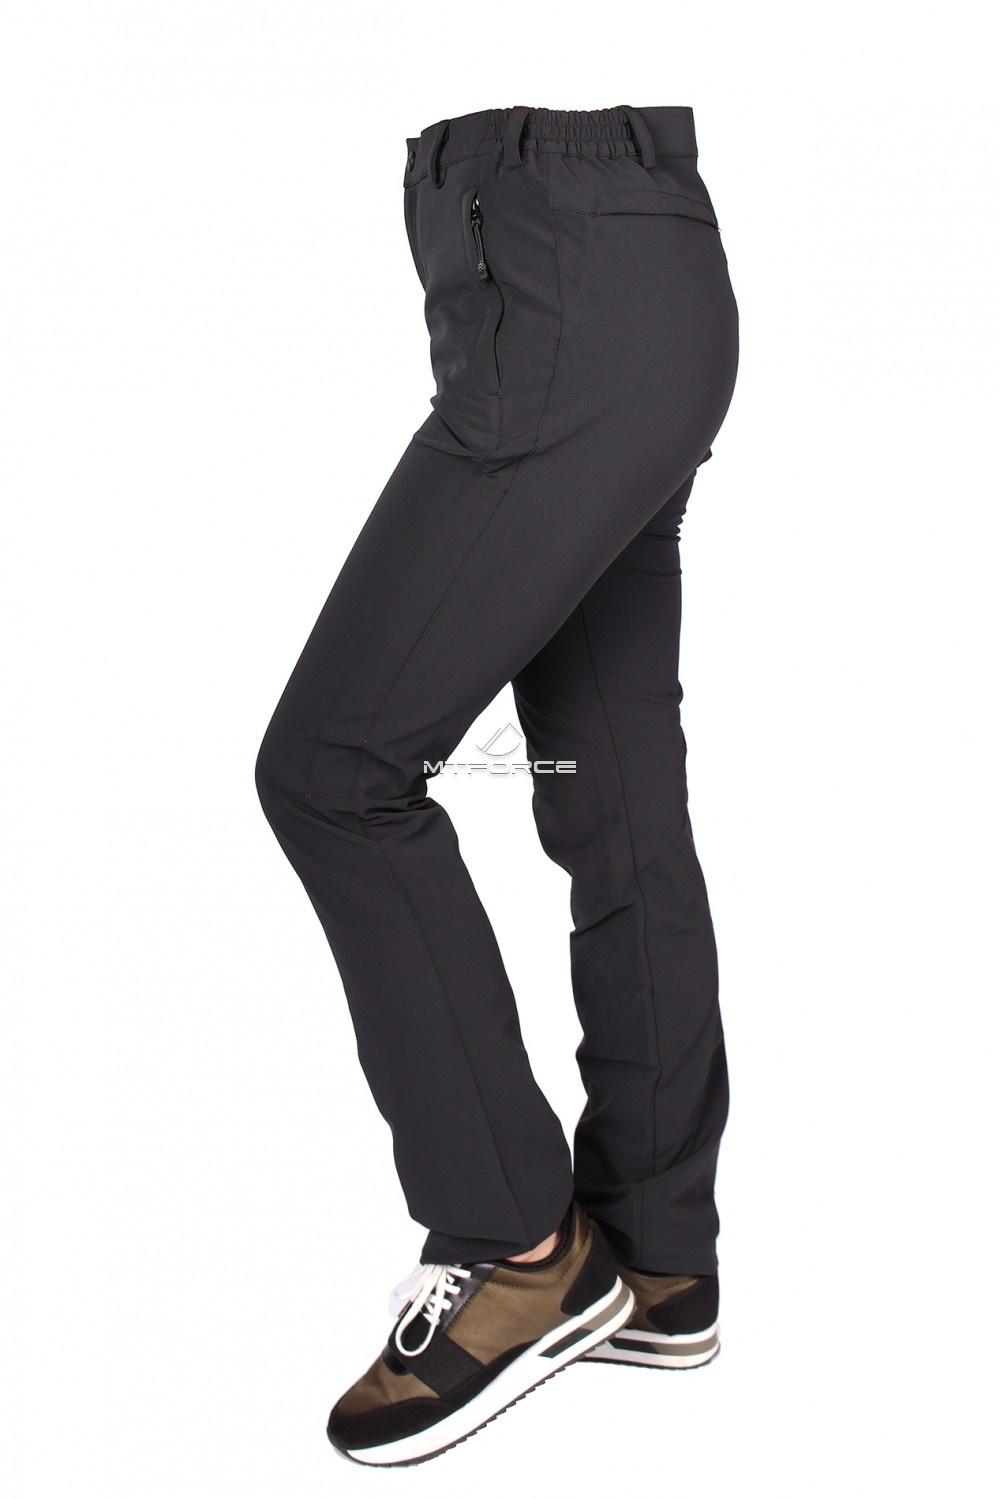 Купить оптом Брюки женские тонкие летние черного цвета 812Ch в Екатеринбурге